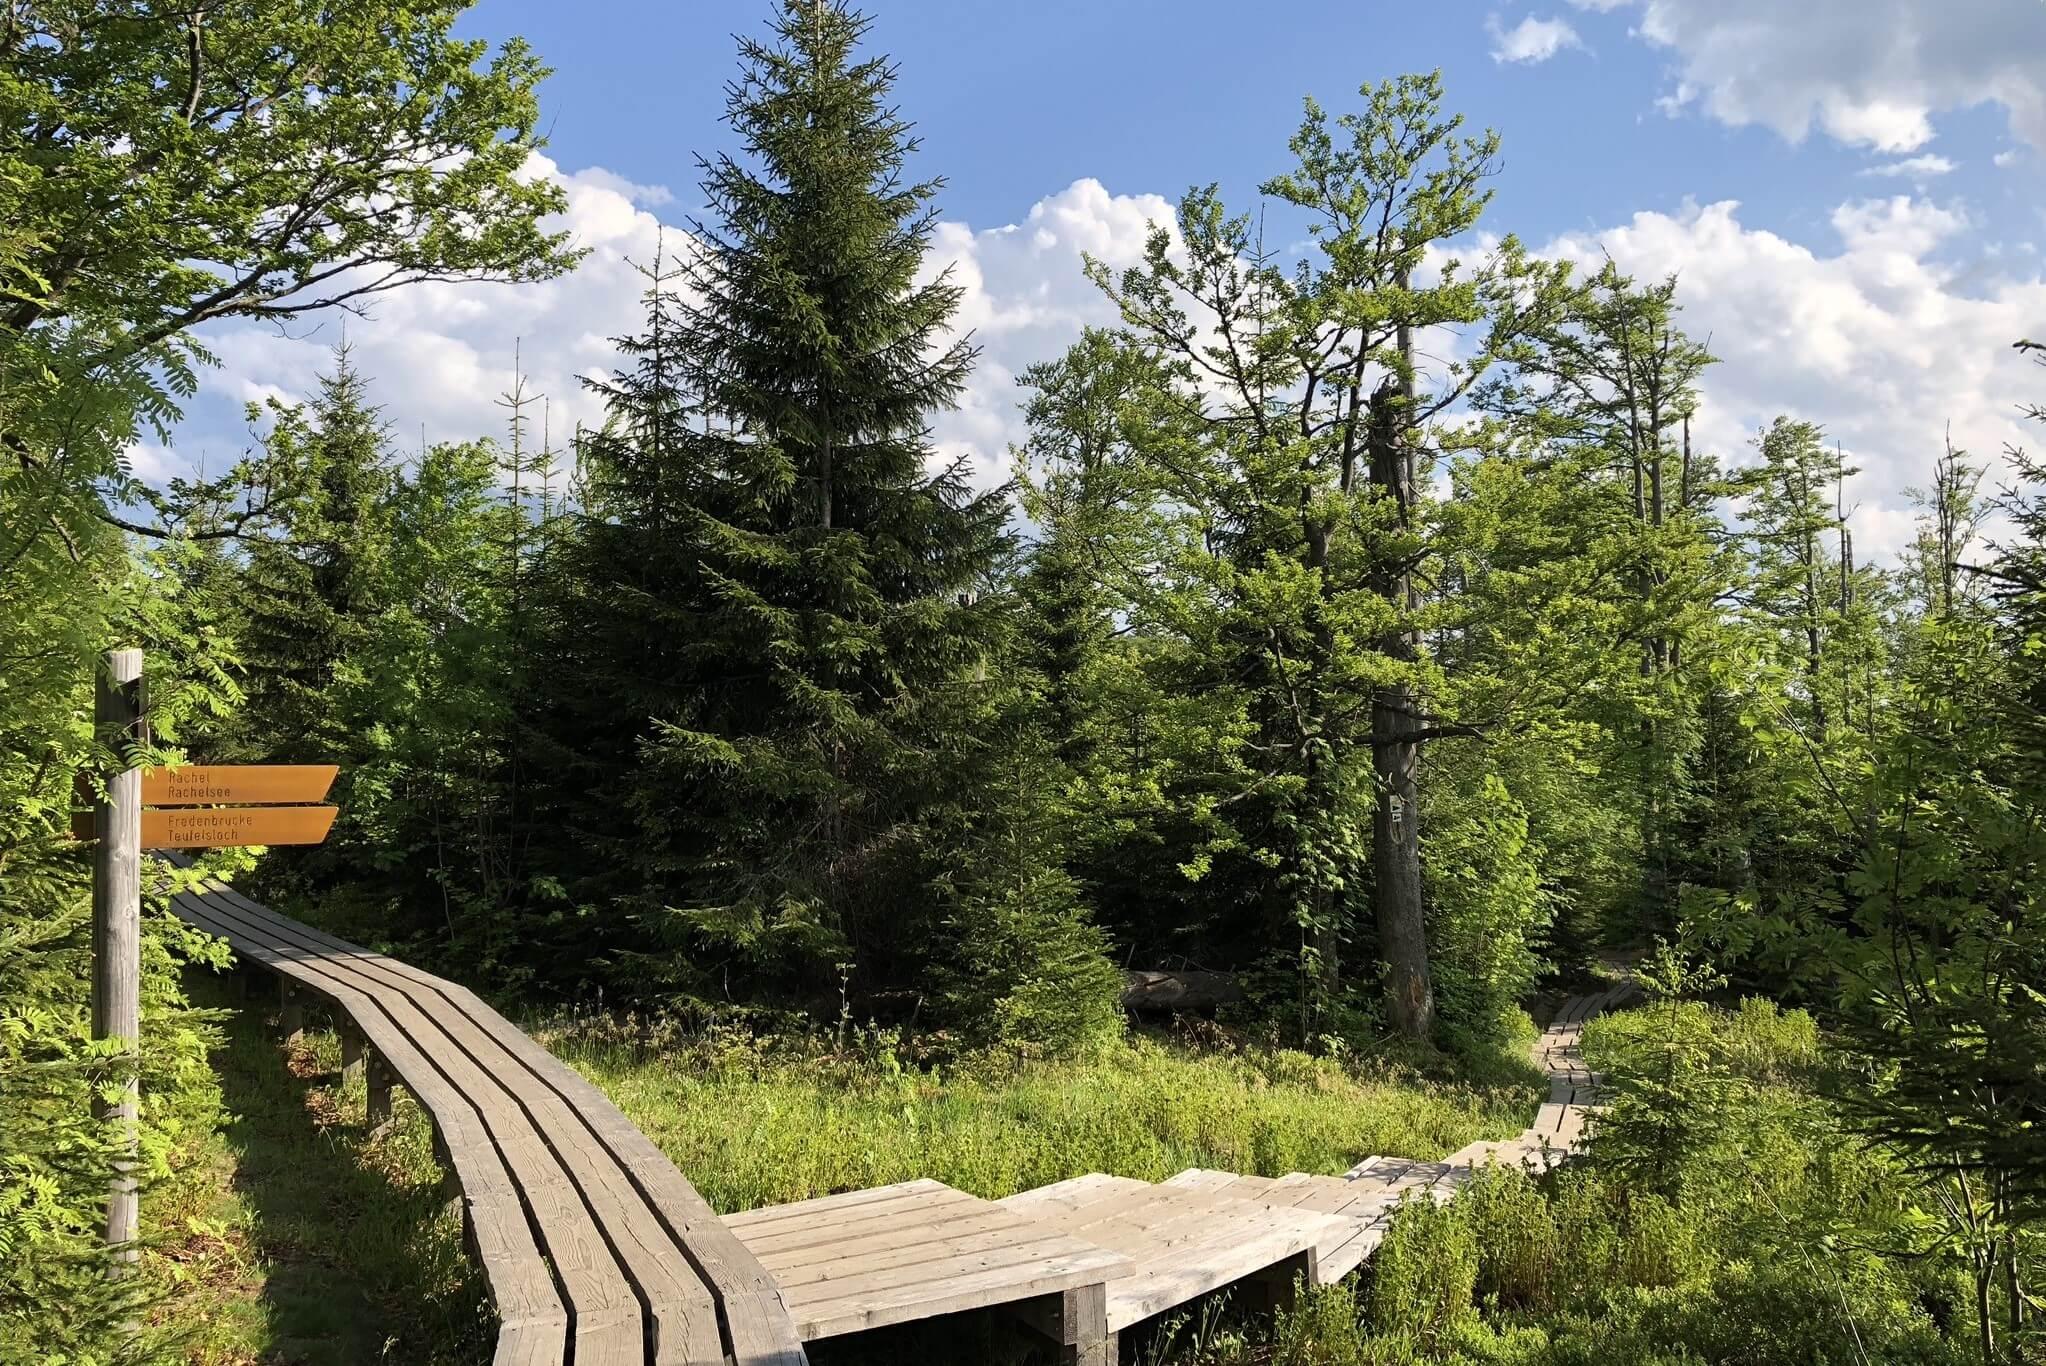 Nationalpark Bayerischer Wald - Wanderweg zum Rachelsee